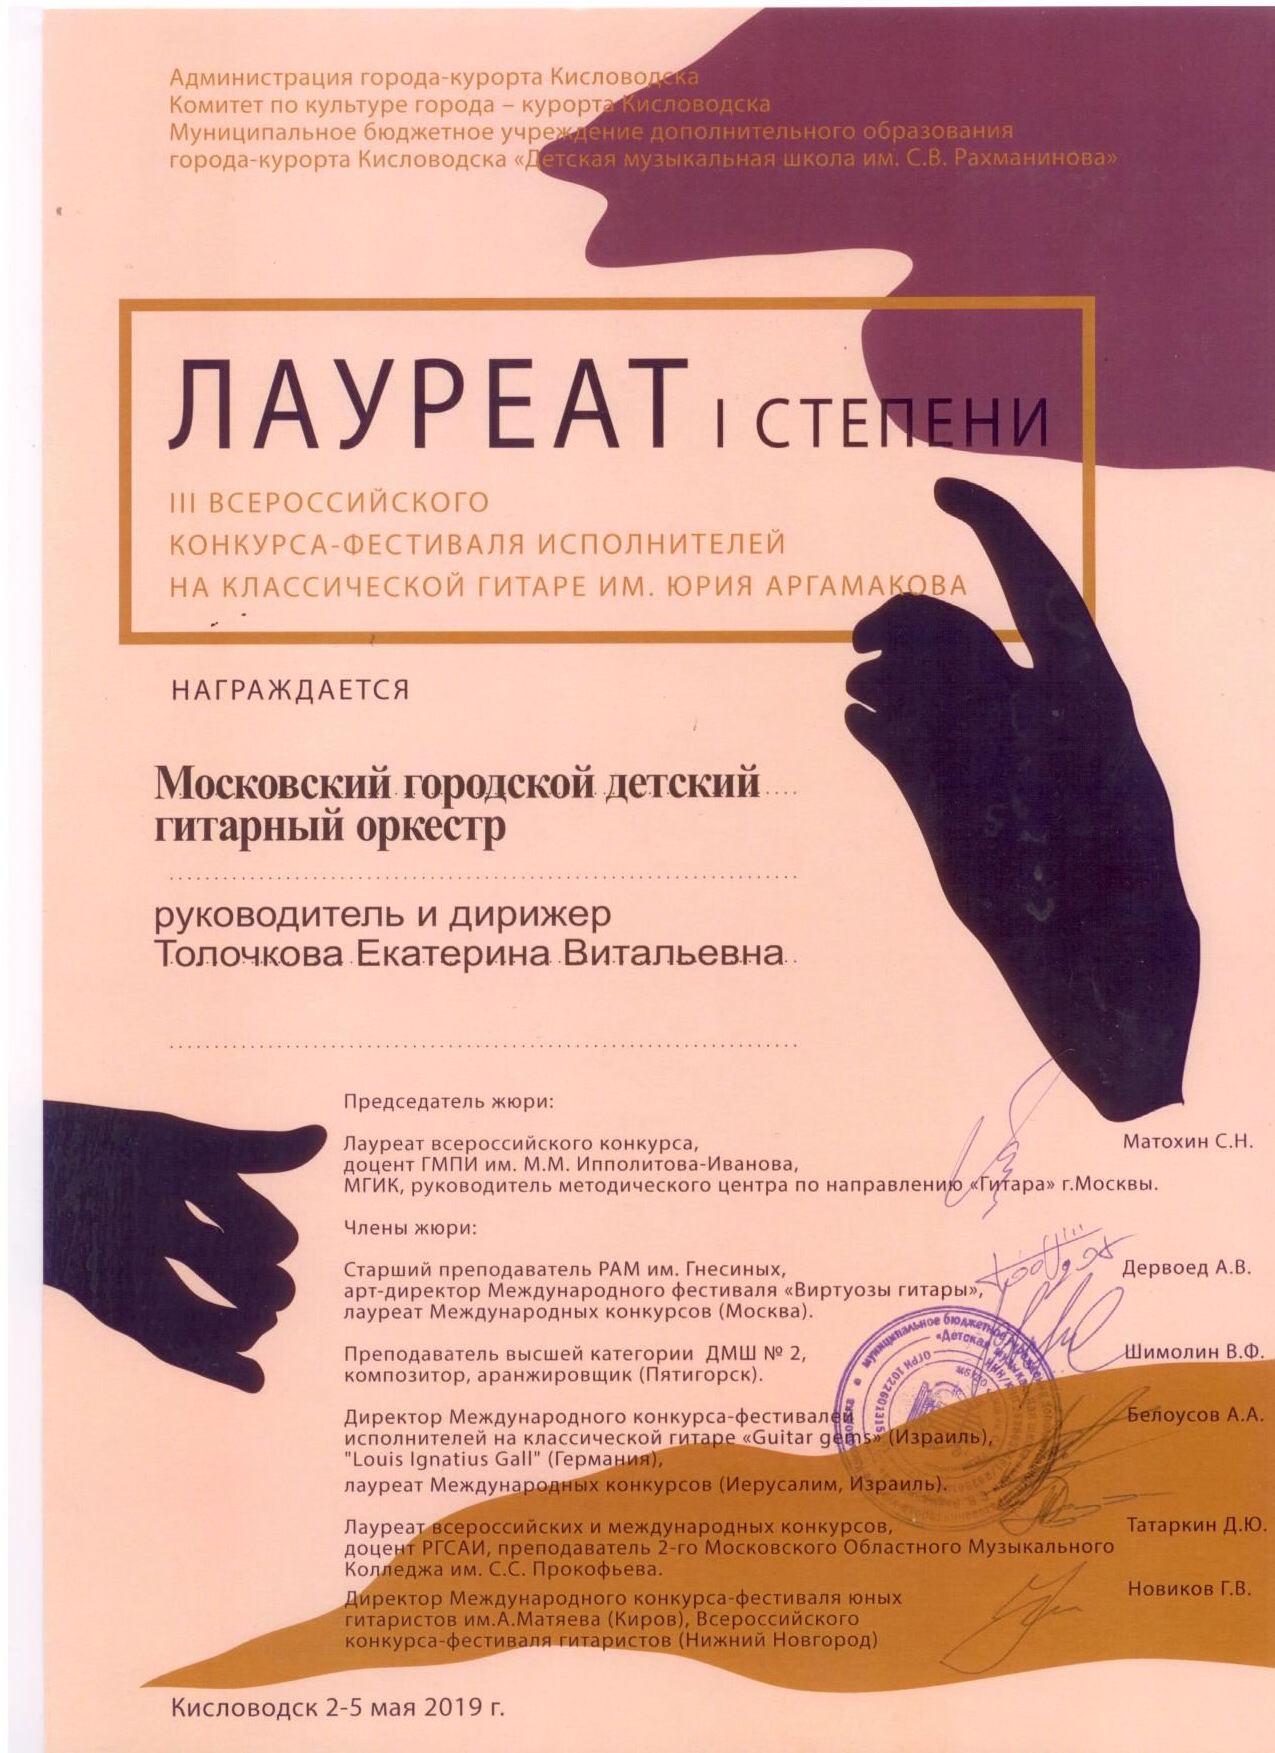 Кисловодск МГДГО